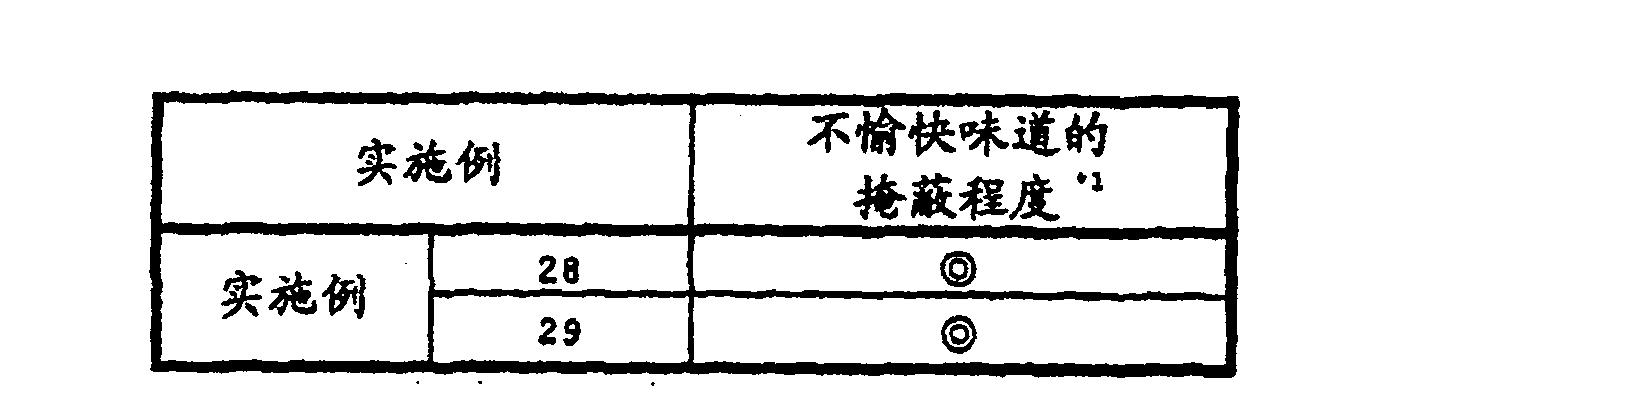 Figure CN1913876BD00271